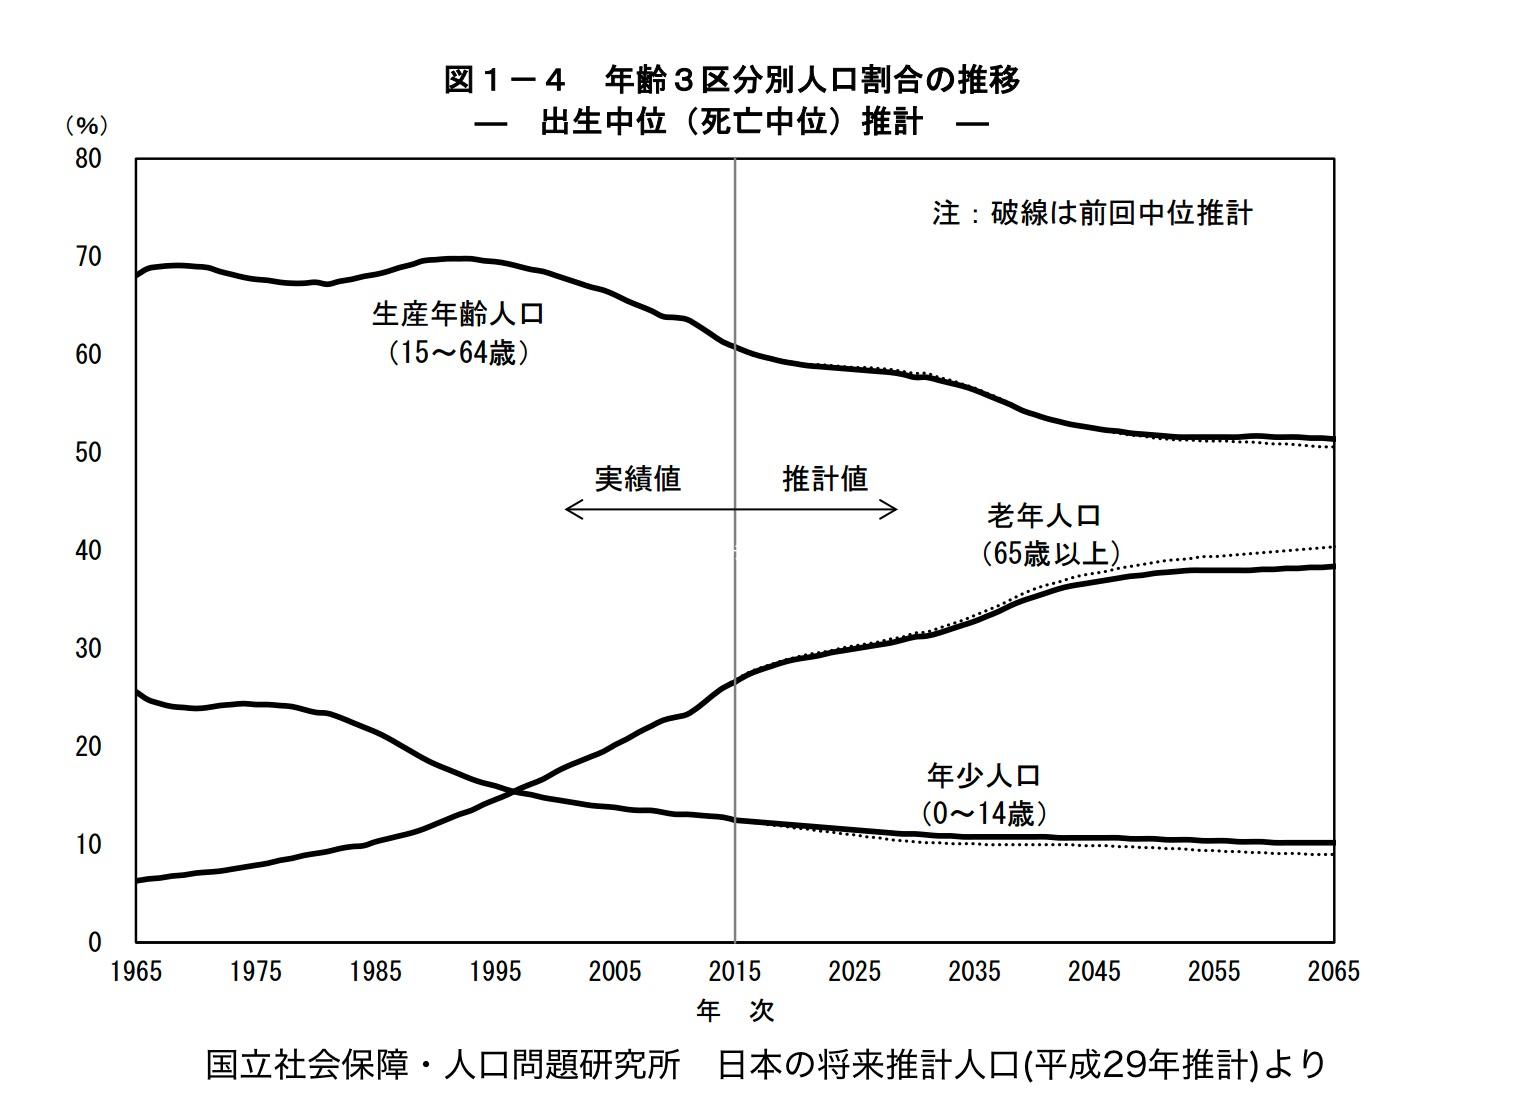 日本の将来推計人口(平成29年推測値)